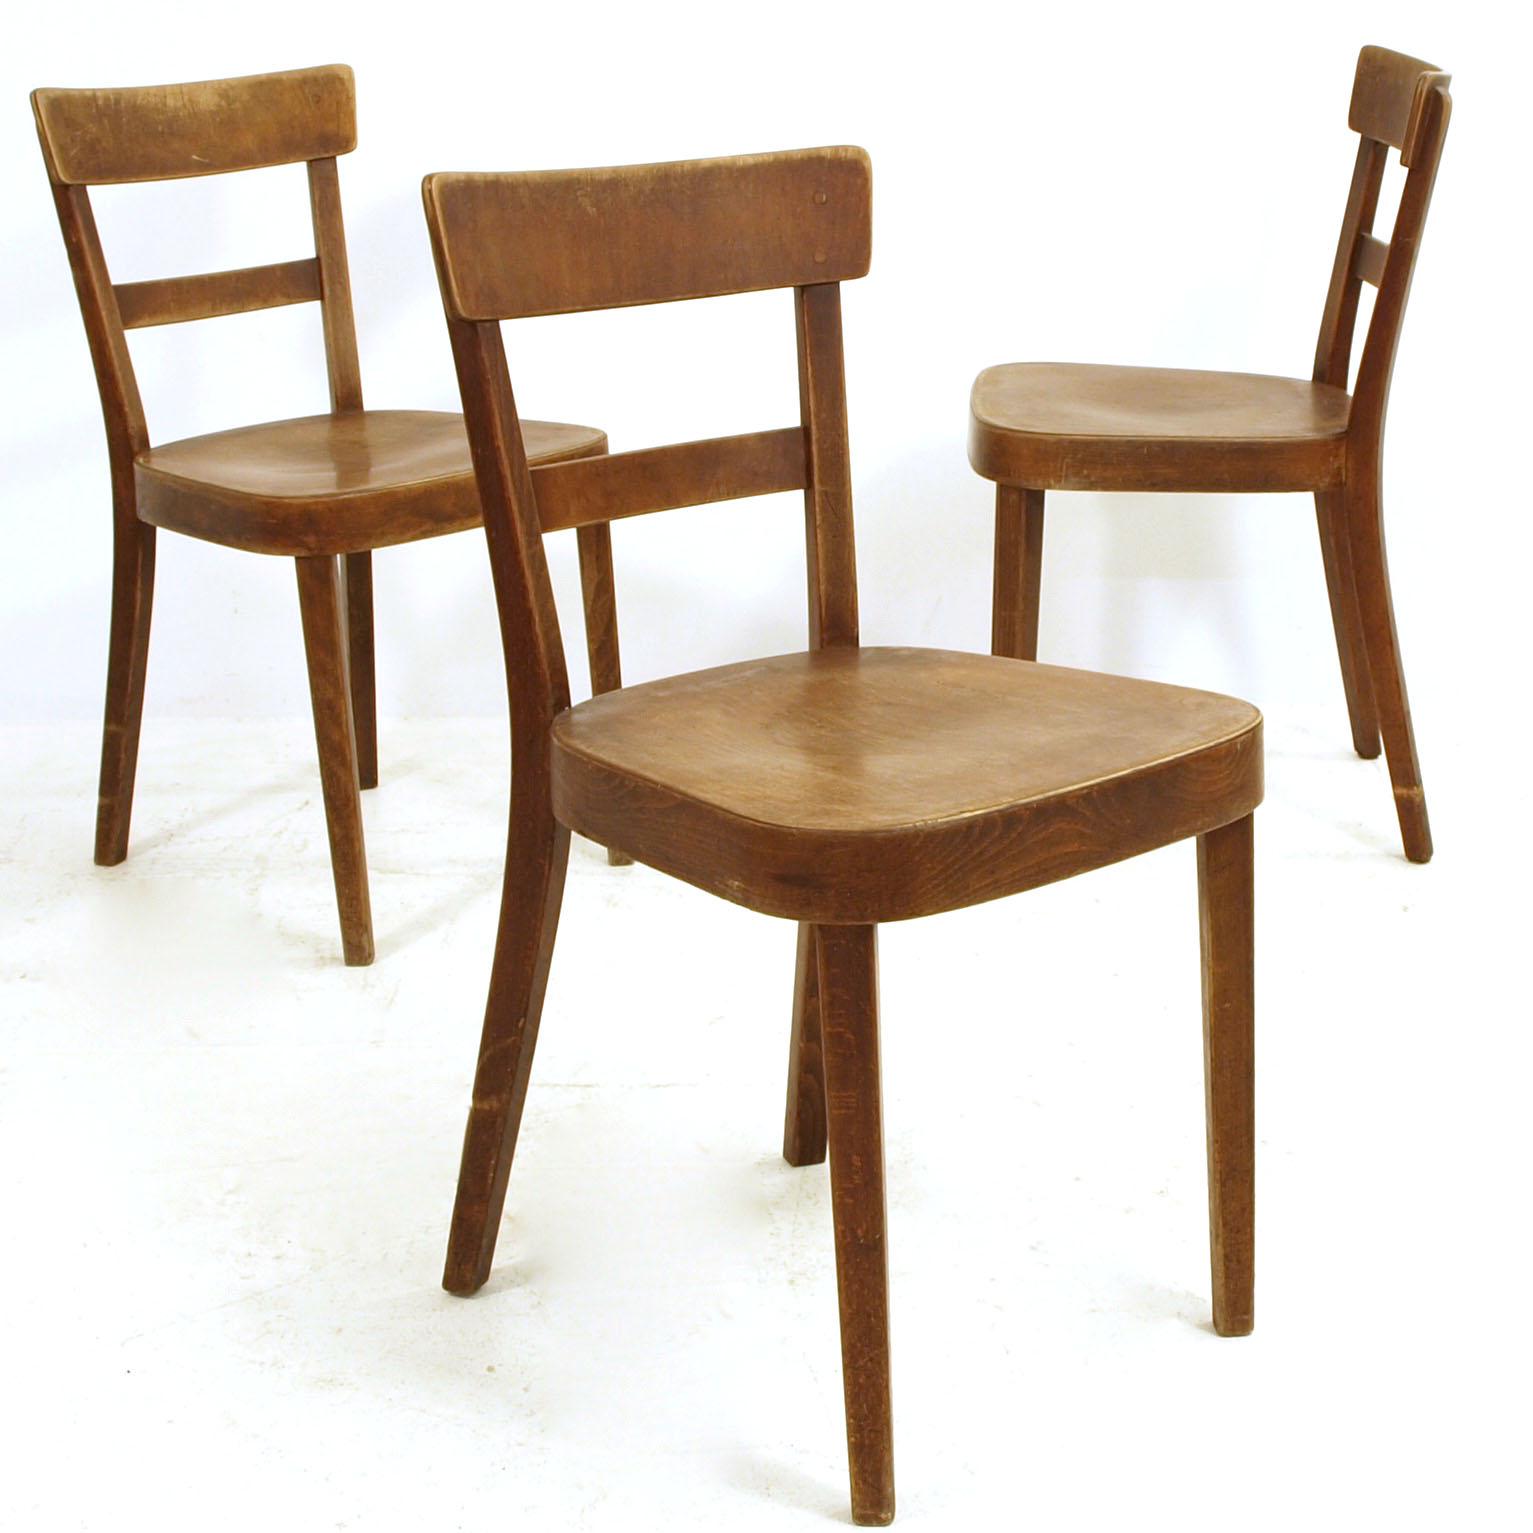 Horgen Glarus Stk 90 restauriertnoch Stühlefrisch wkTuOiPXZ